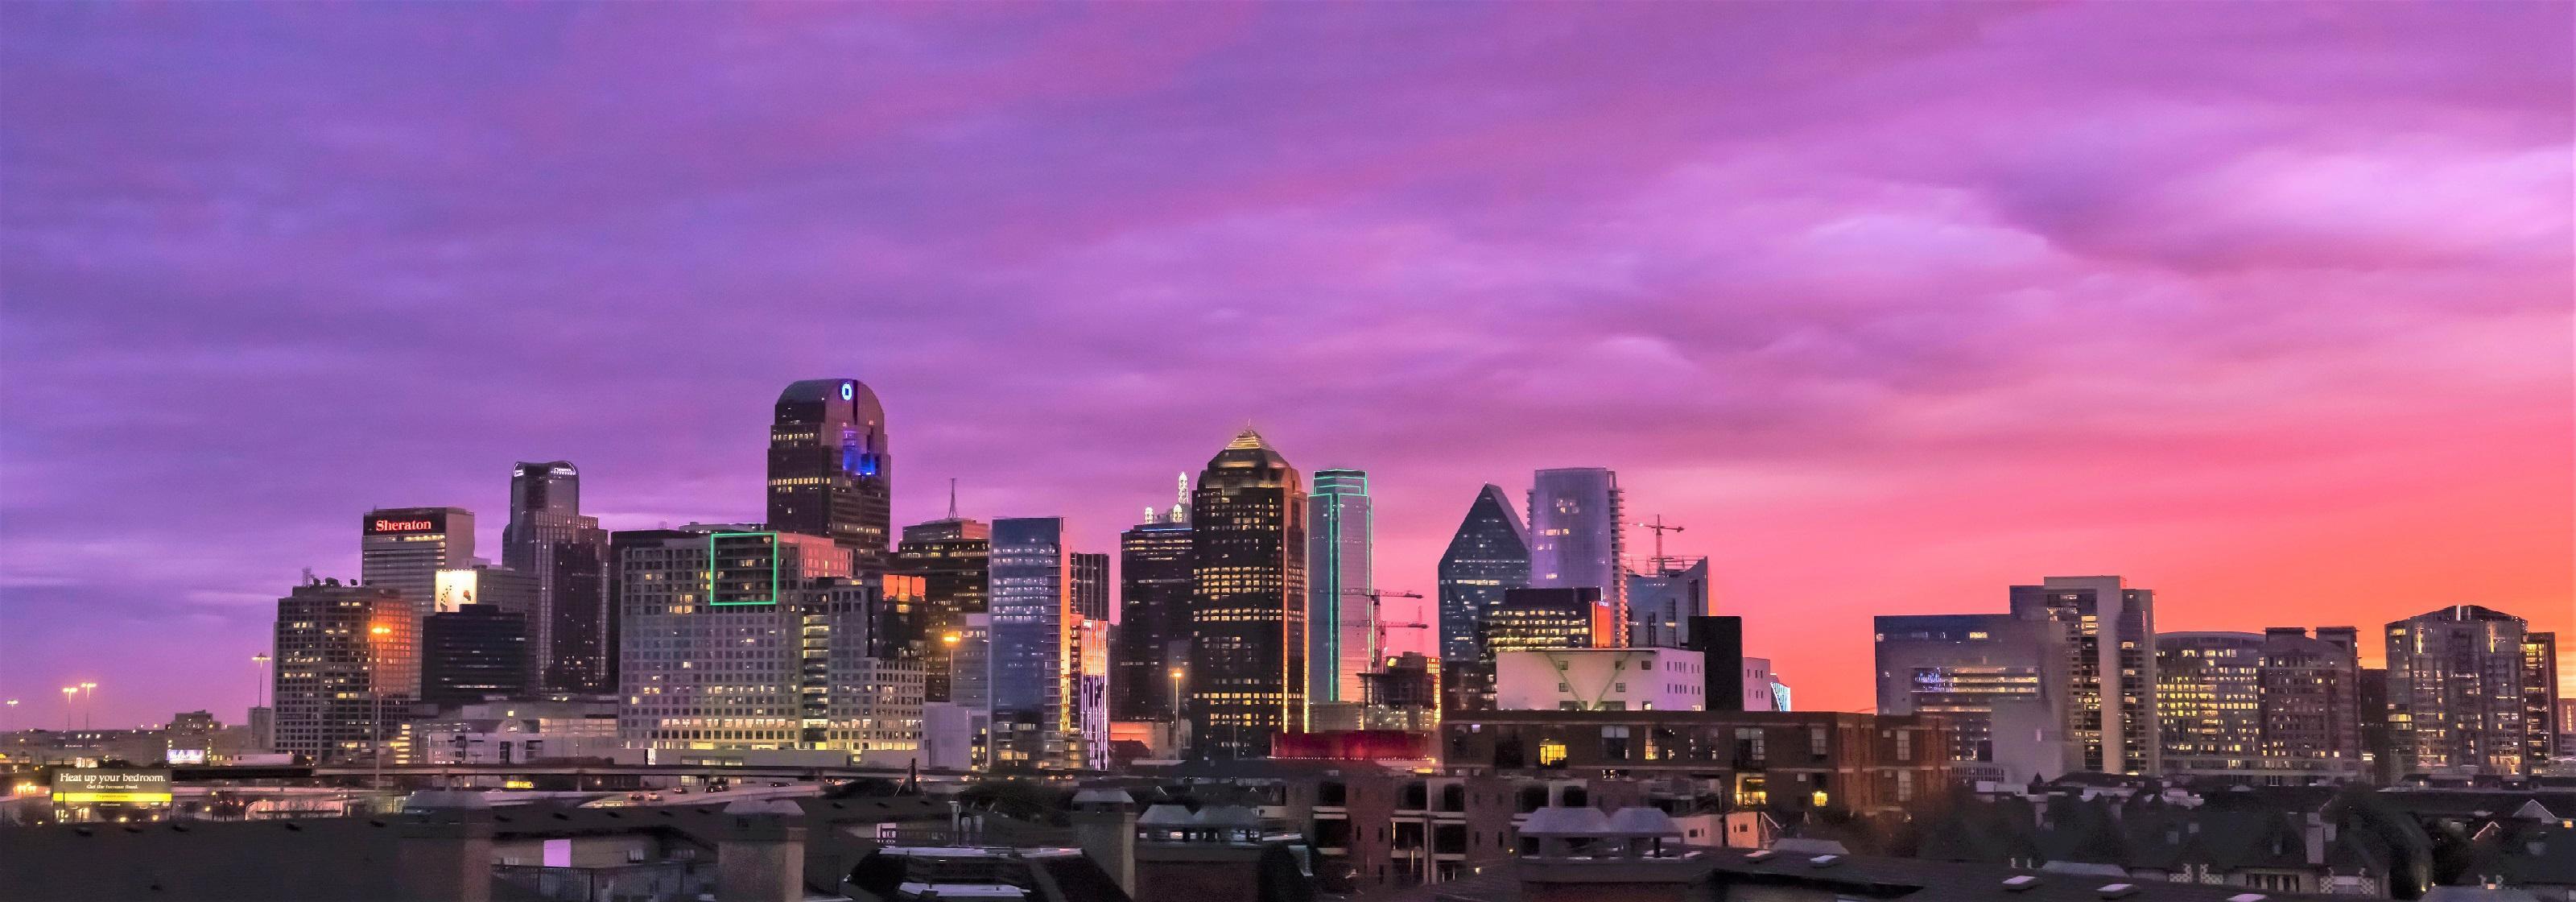 Aktivitäten in Dallas